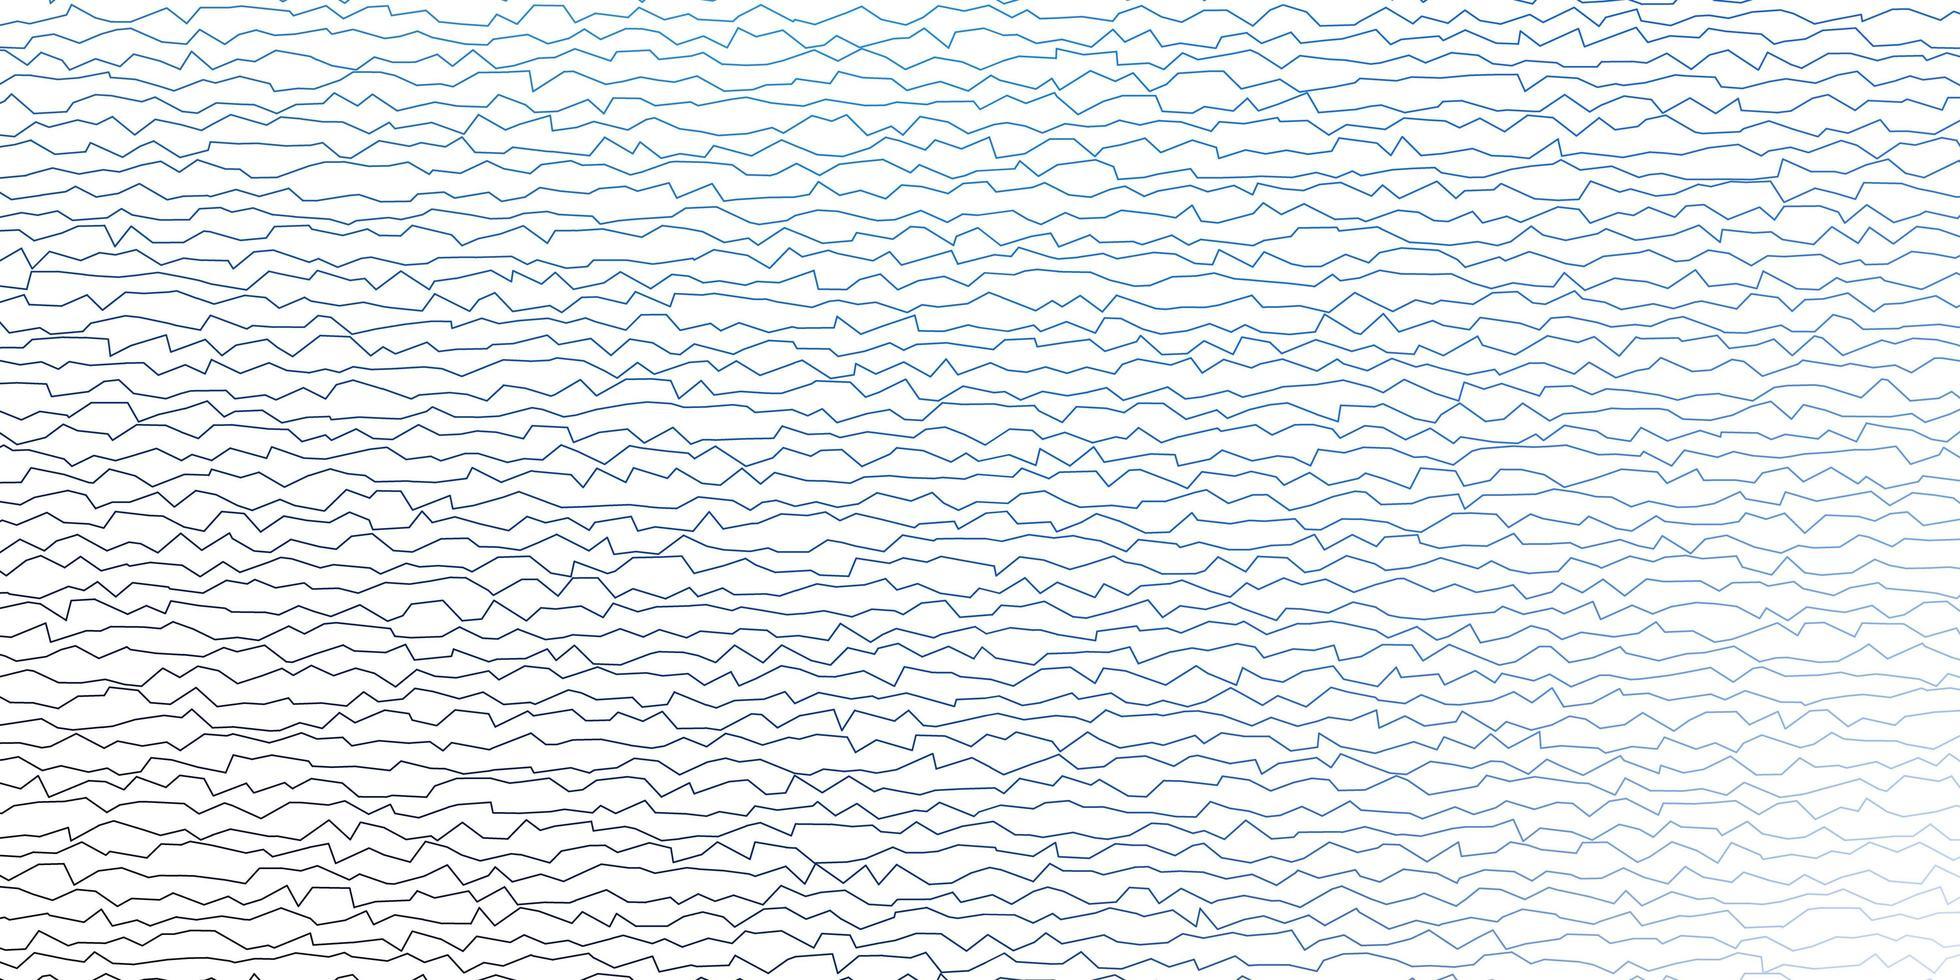 mörkblå vektorlayout med sneda linjer. vektor